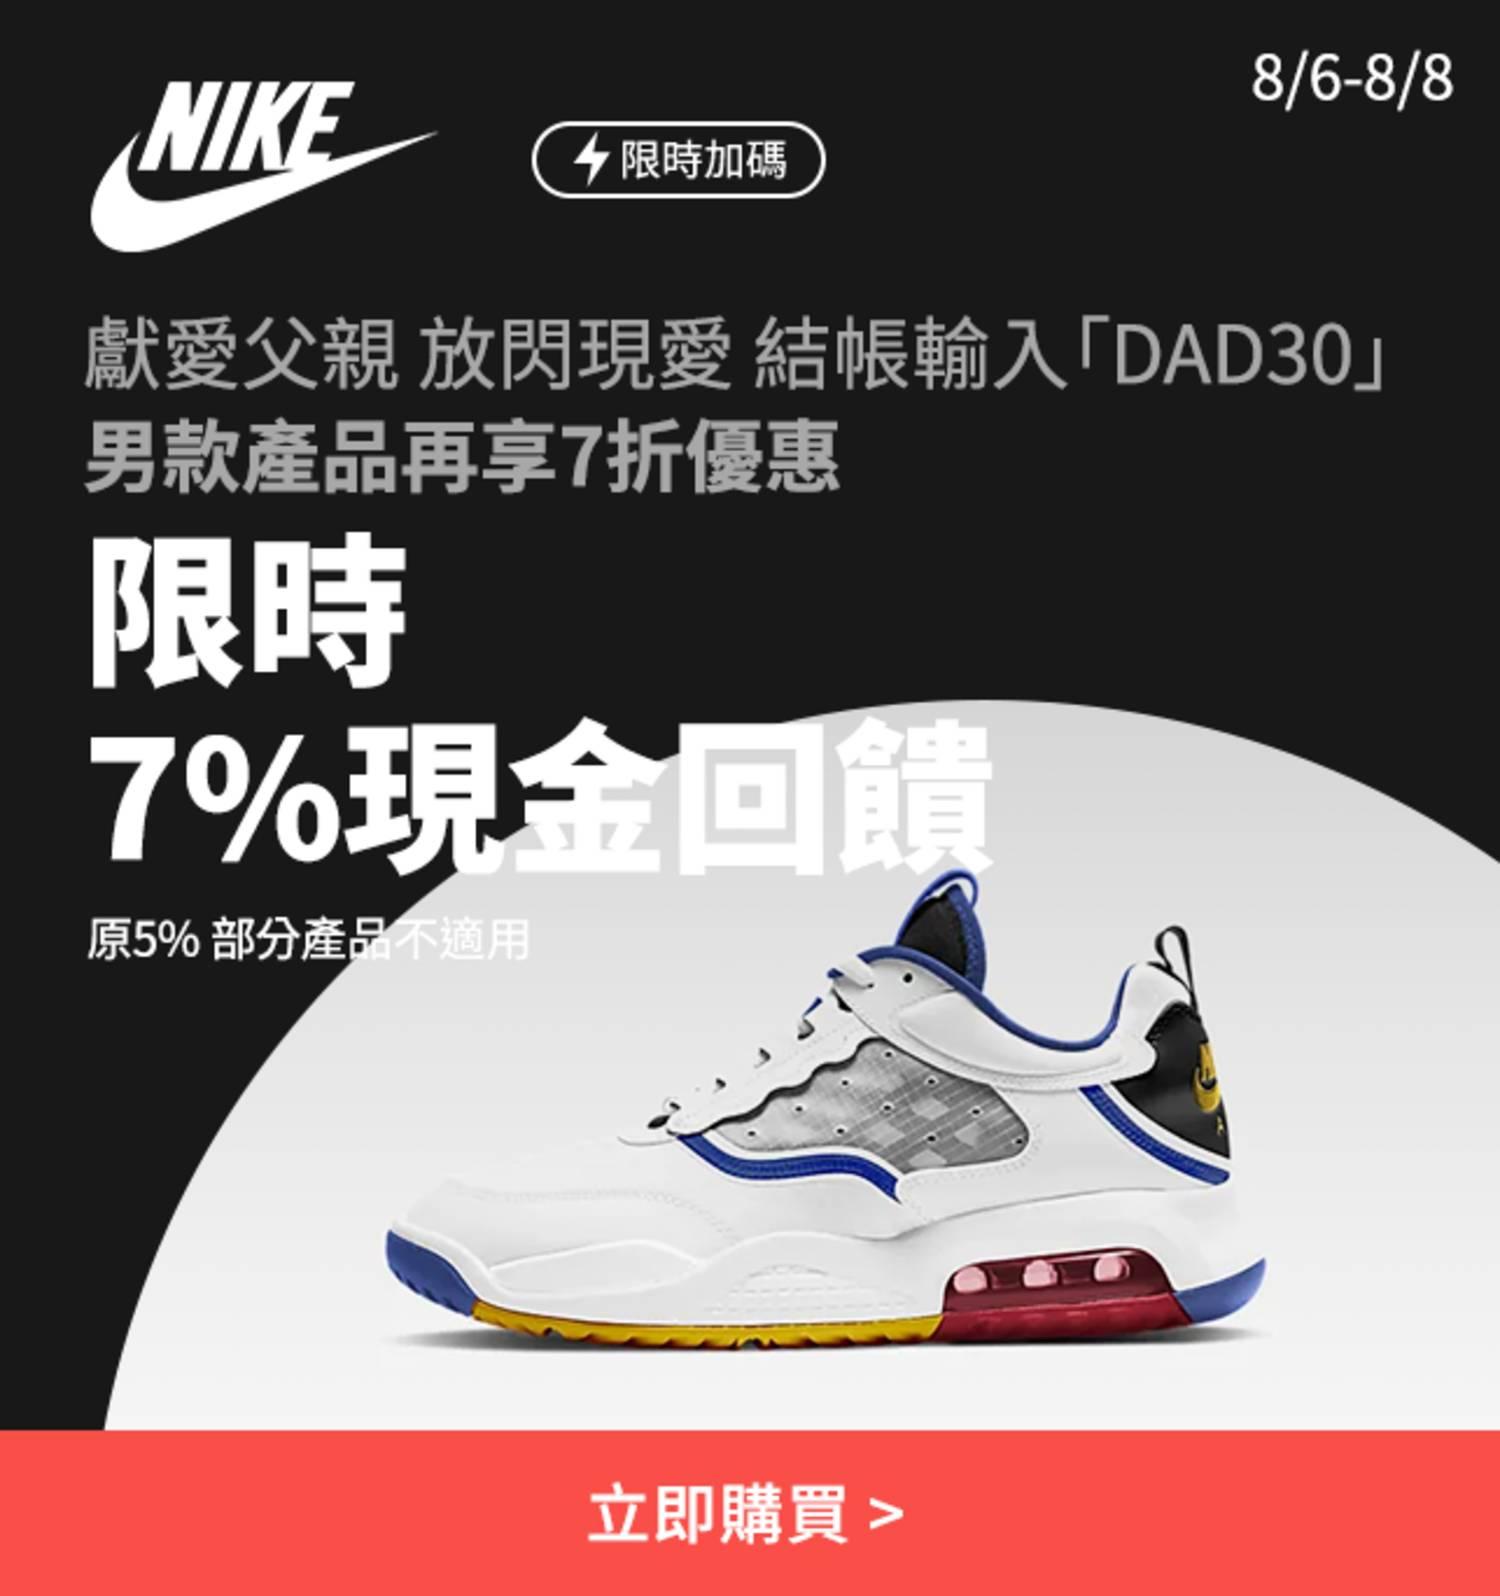 Nike 8/6-8/8 20:59